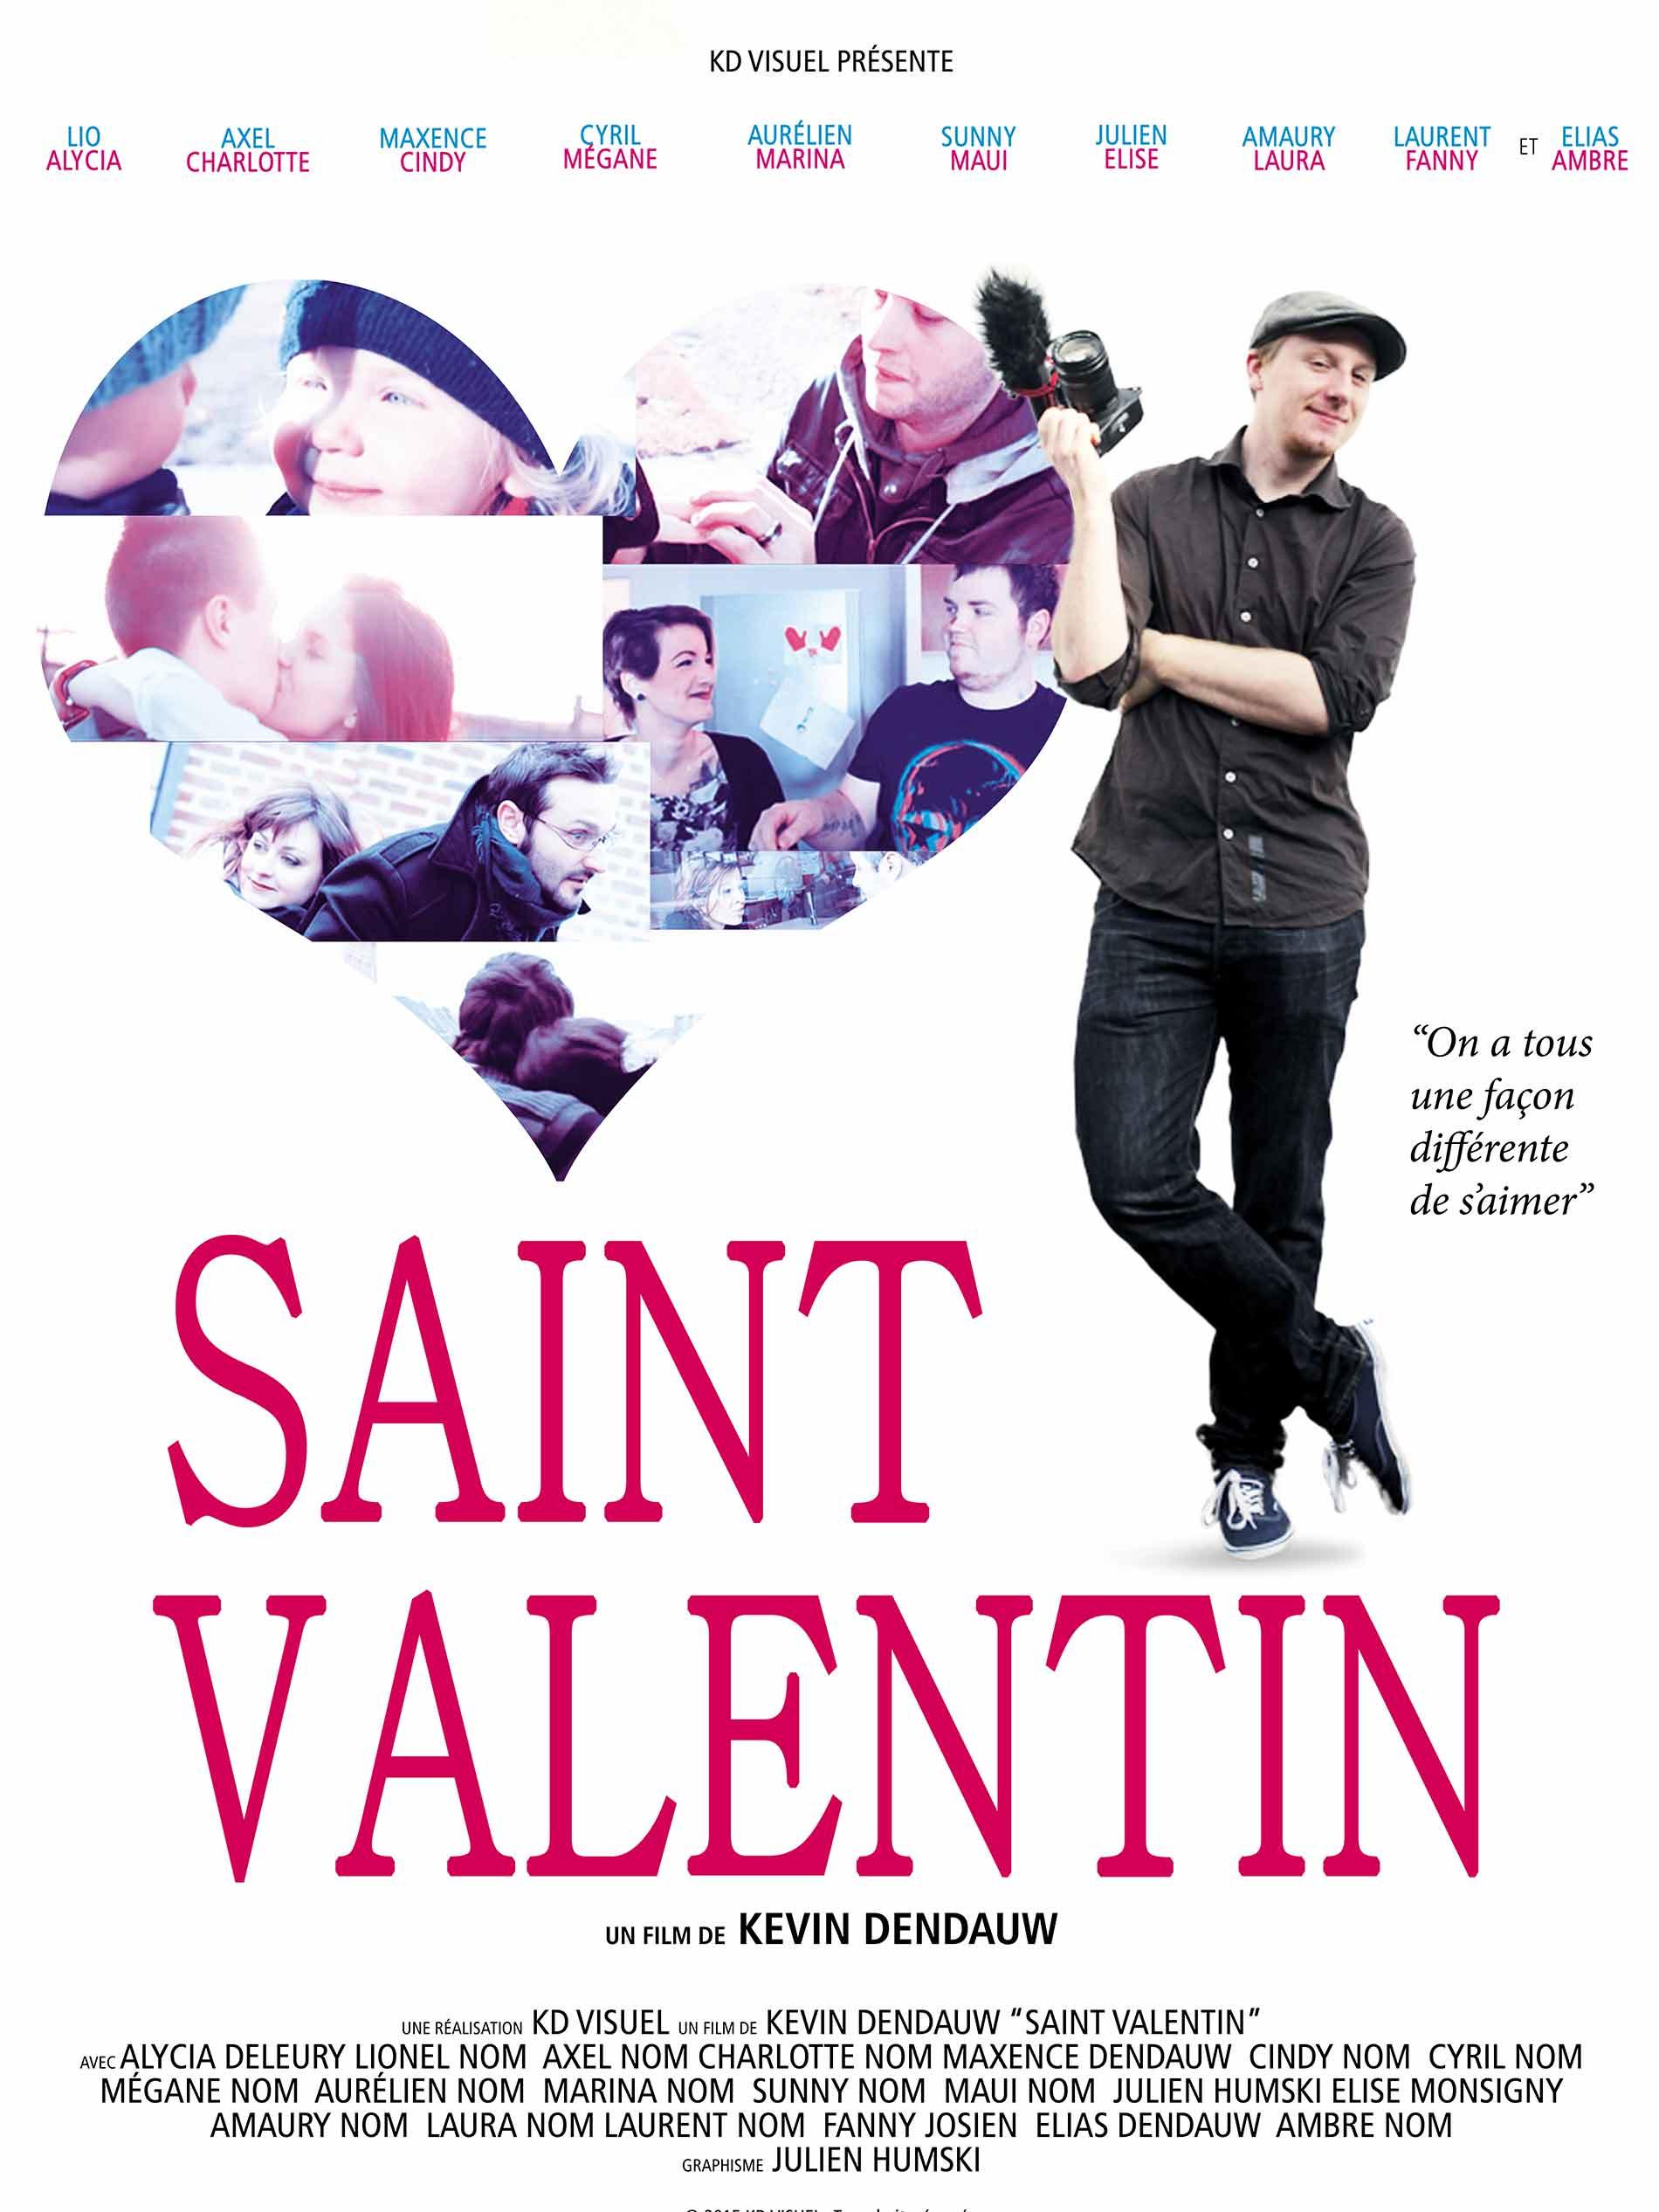 St Valentin l'affiche